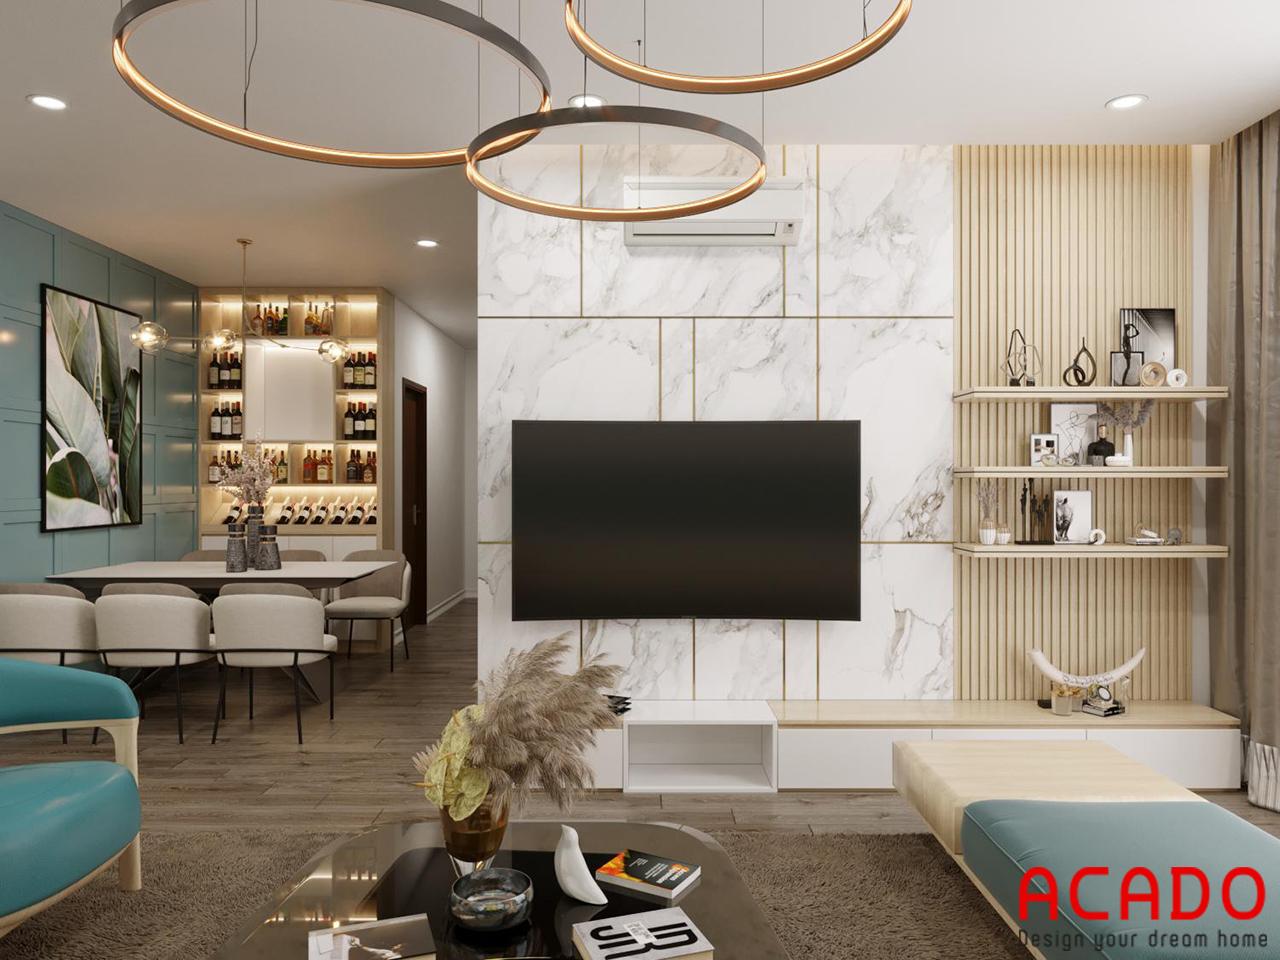 Mẫu thiết kế phòng khách hiện đại, sang trọng sử dụng các gam màu sáng trẻ trung